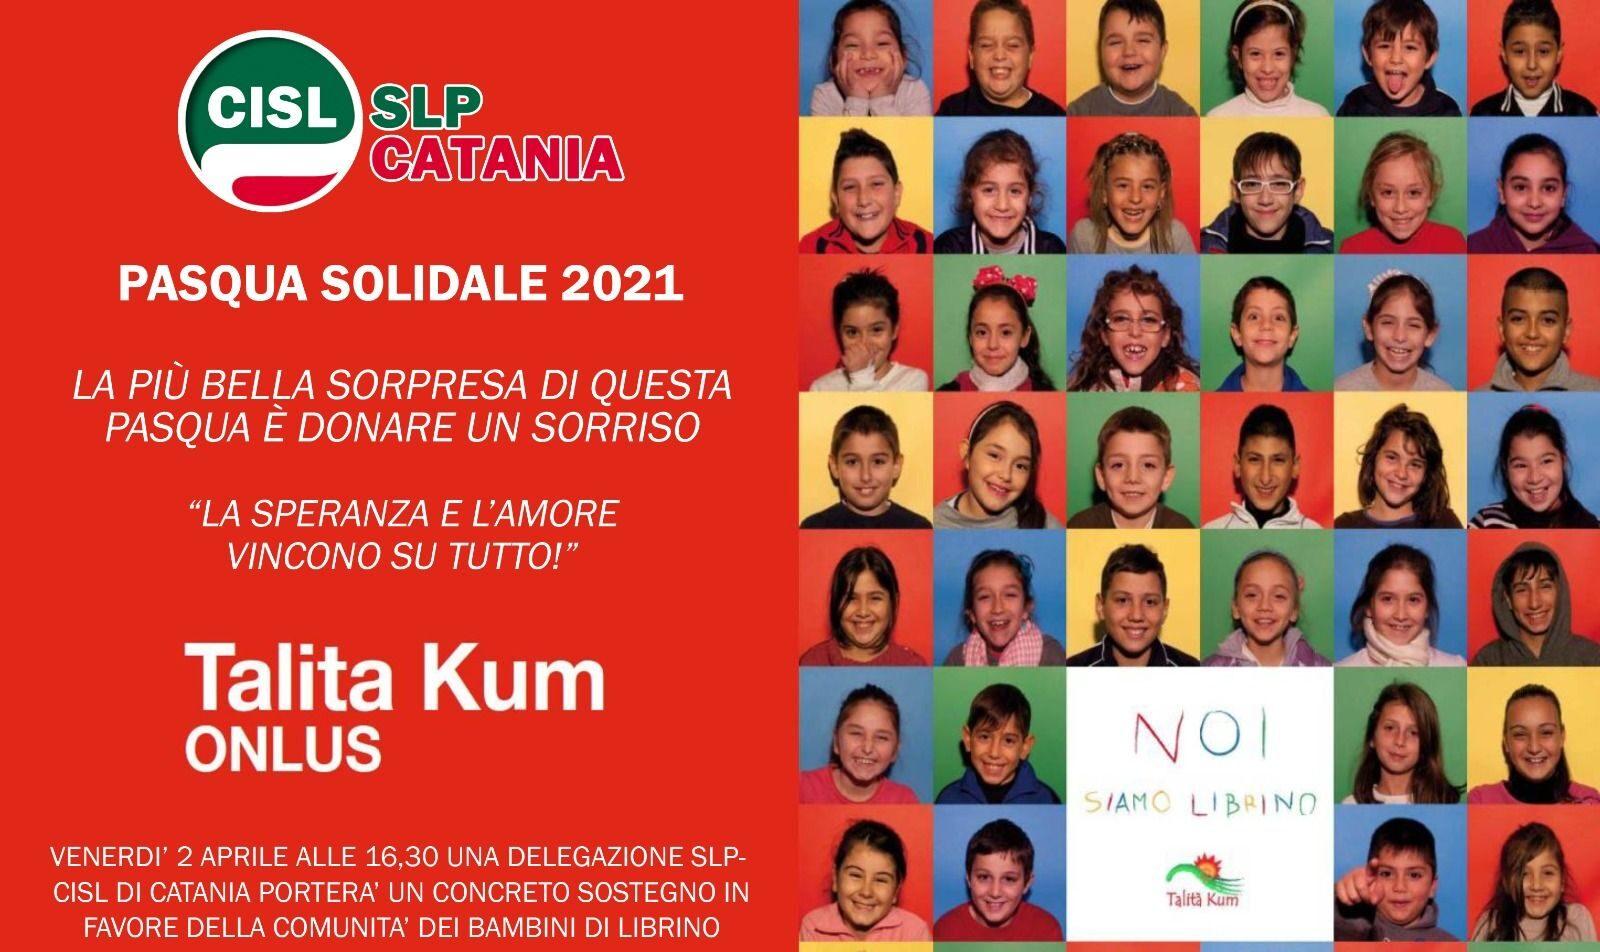 La Pasqua solidale della Cisl Poste di Catania a favore dei bambini di Talita Kum